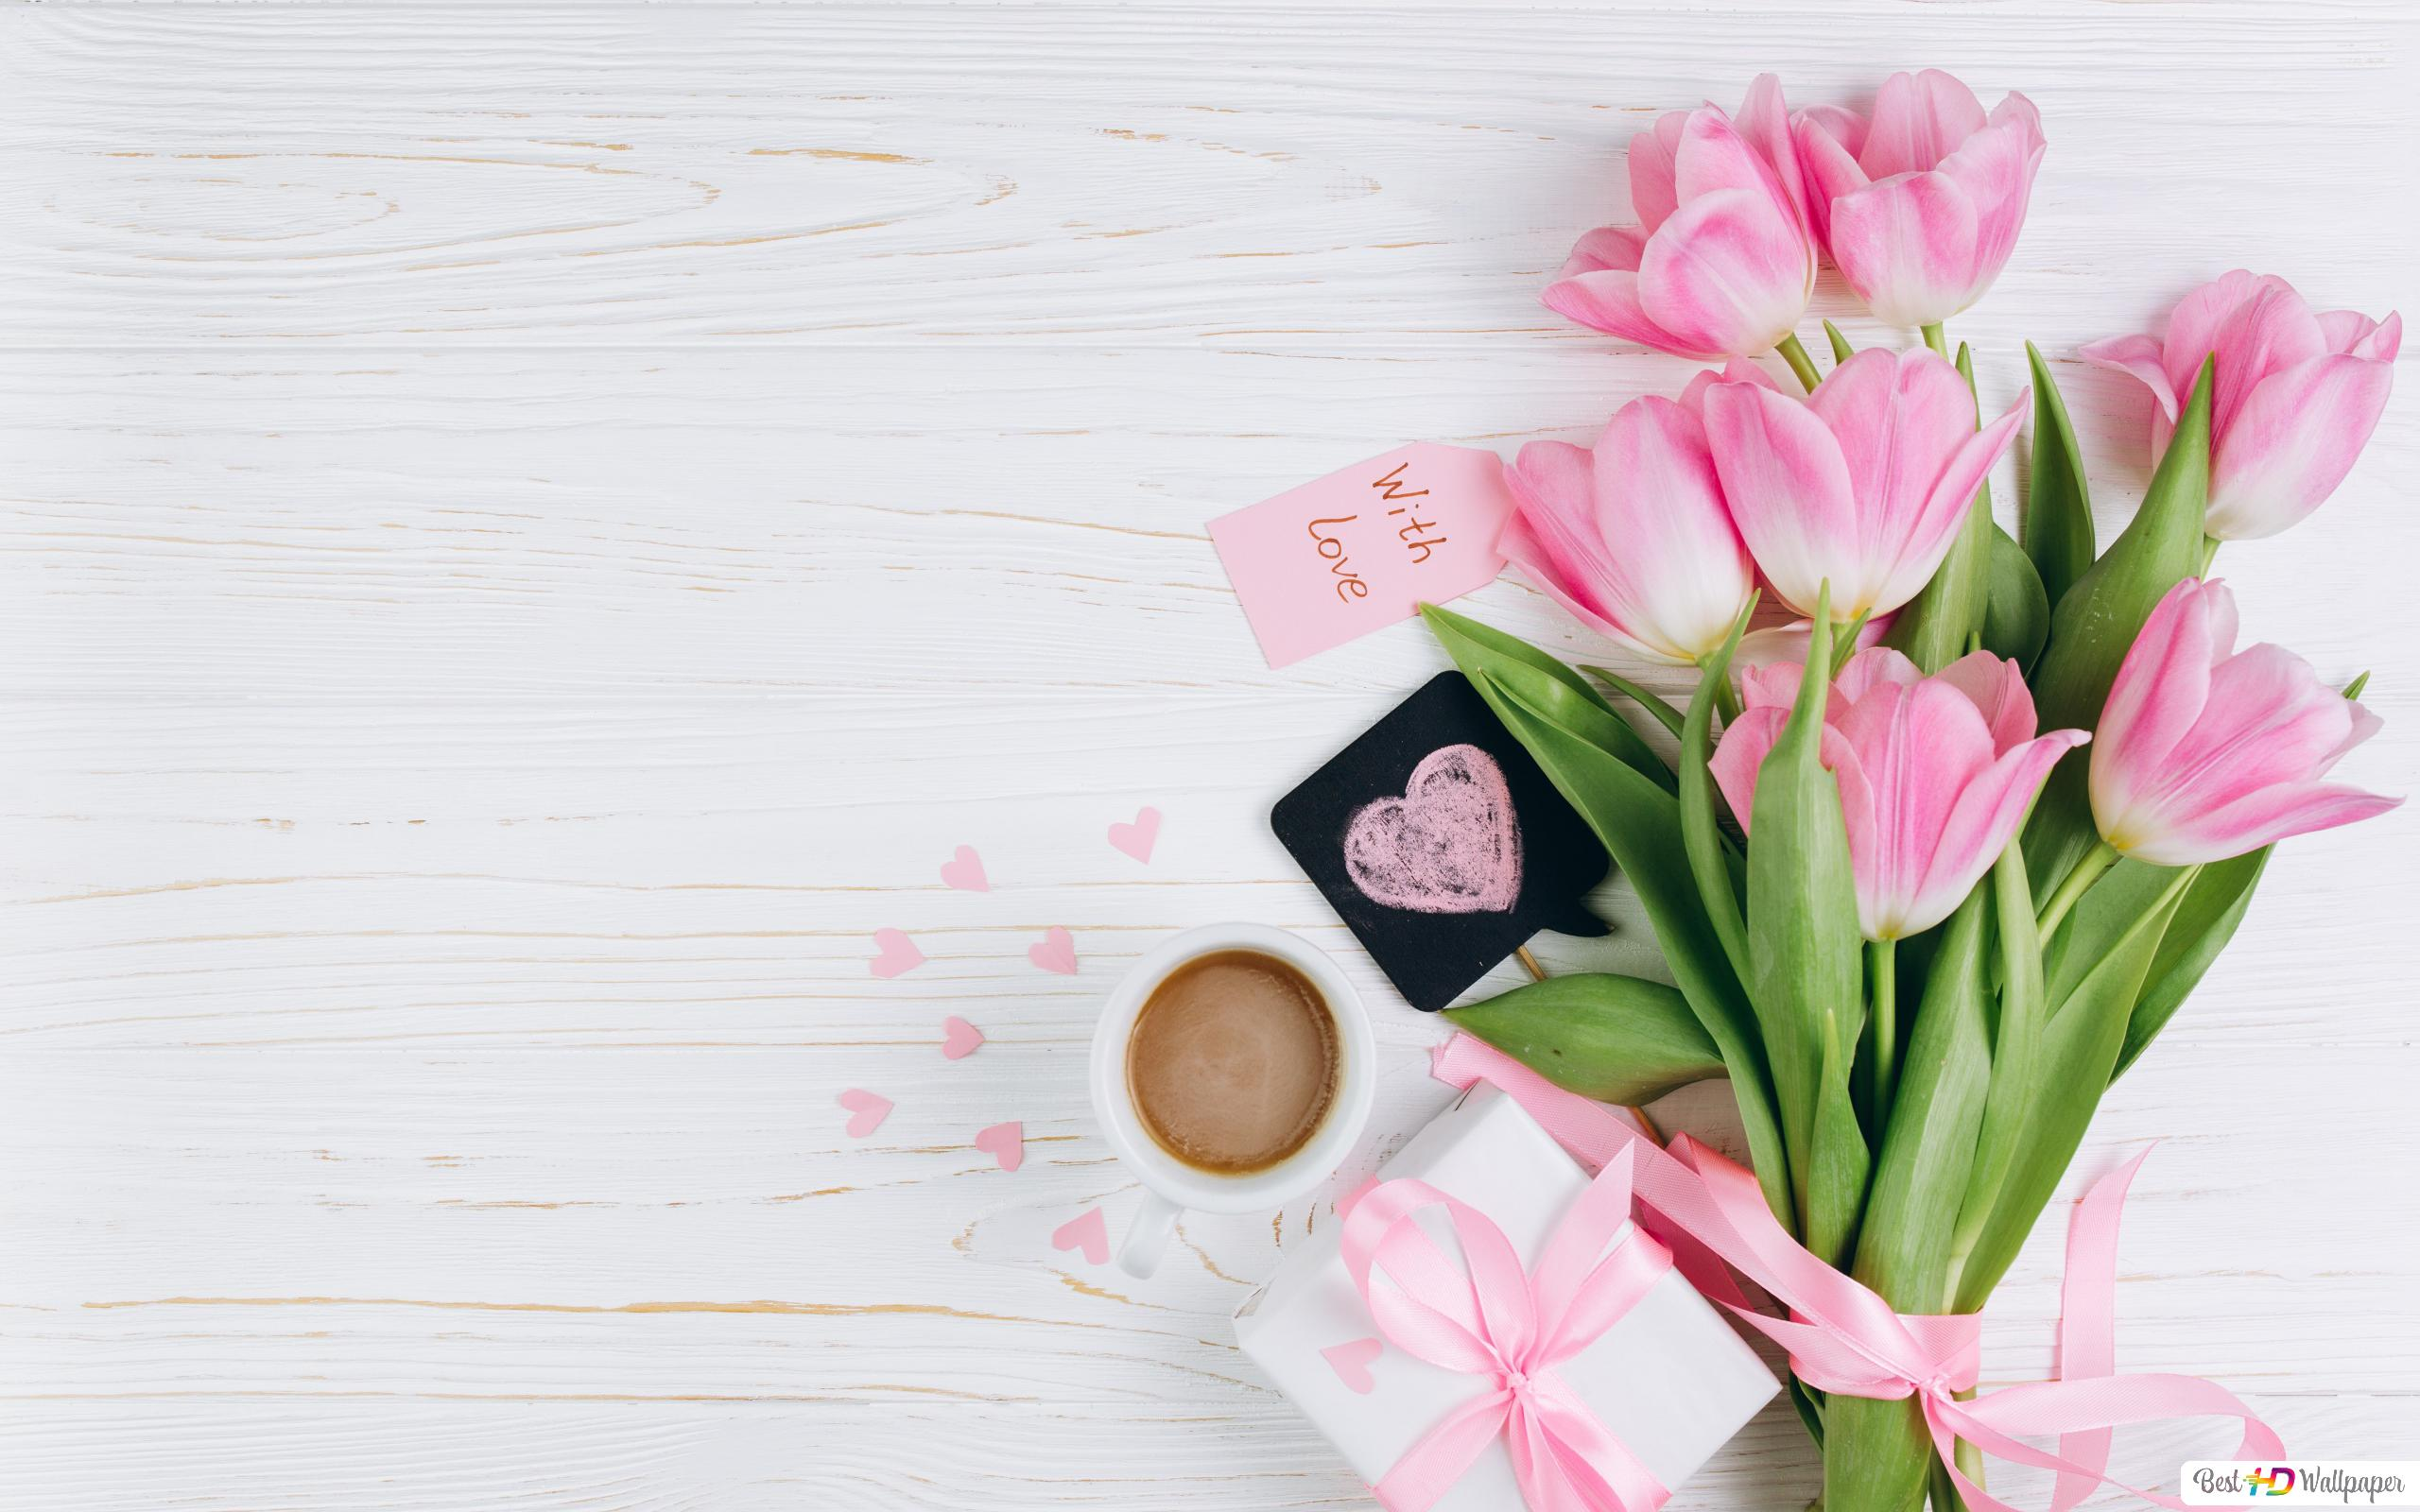 Fondo De Pantalla Dia De San Valentin Regalo Con Rosa: Descargar Fondo De Pantalla Día De San Valentín